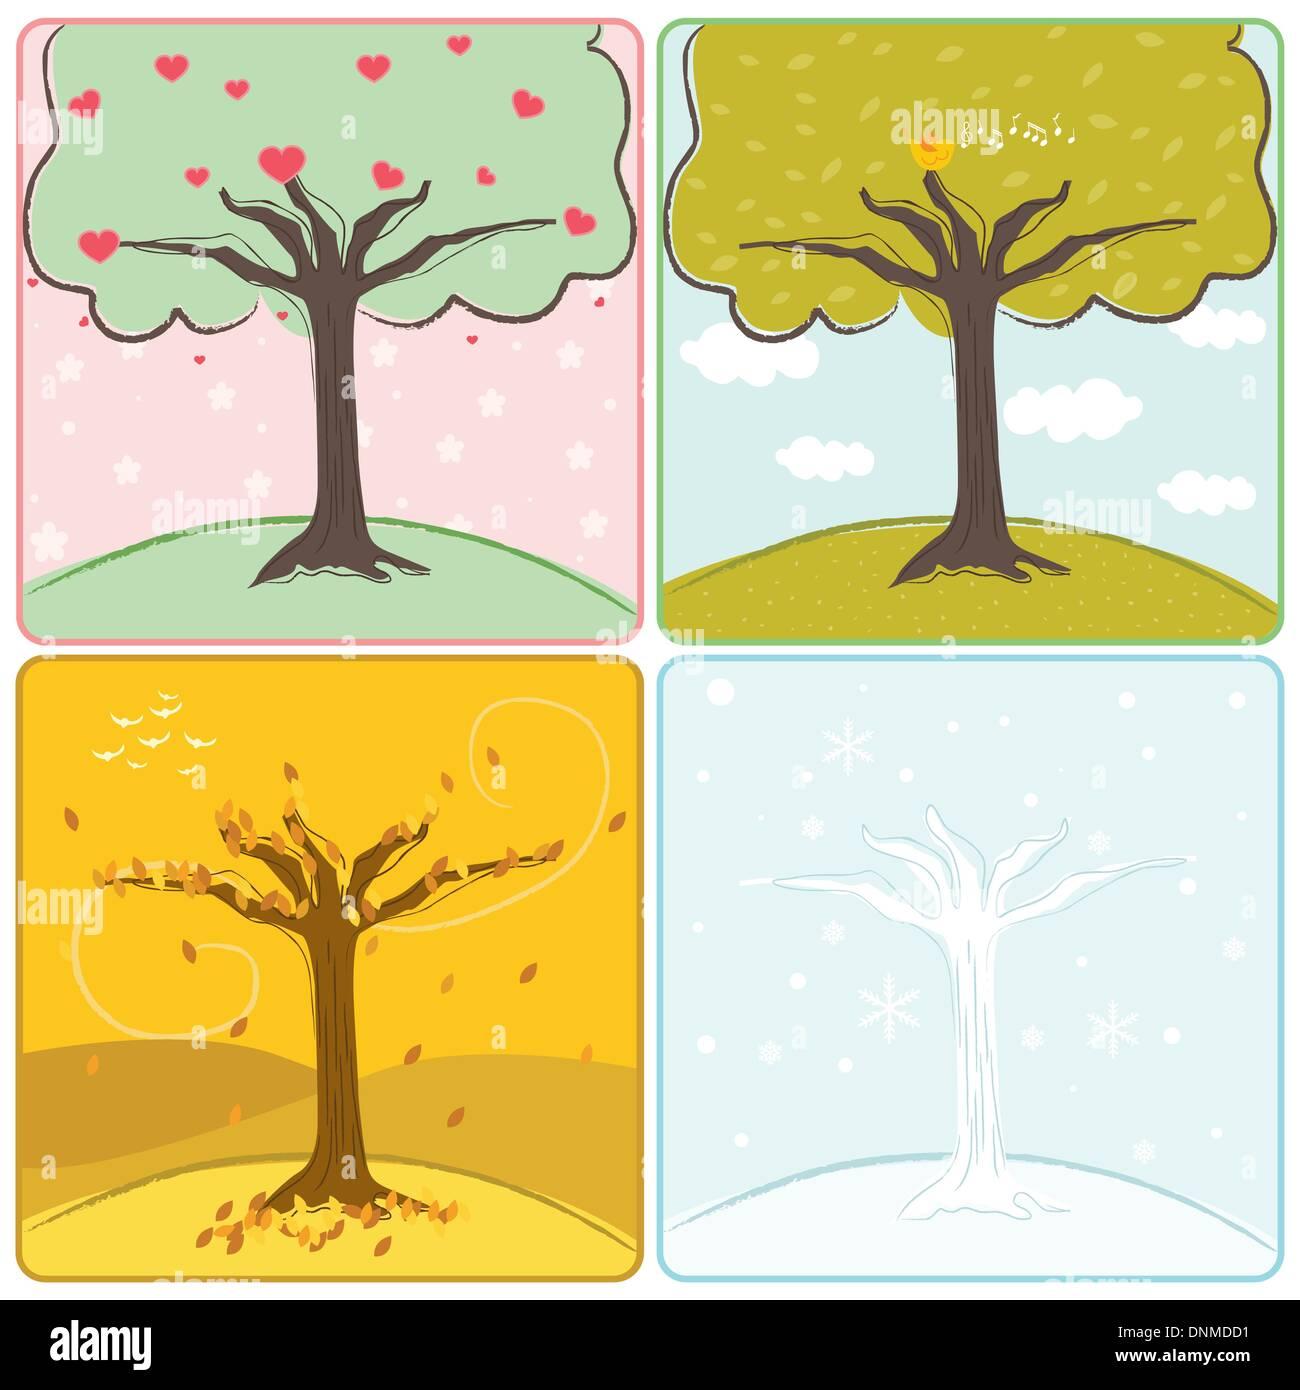 Una illustrazione vettoriale di un albero in quattro stagioni Immagini Stock